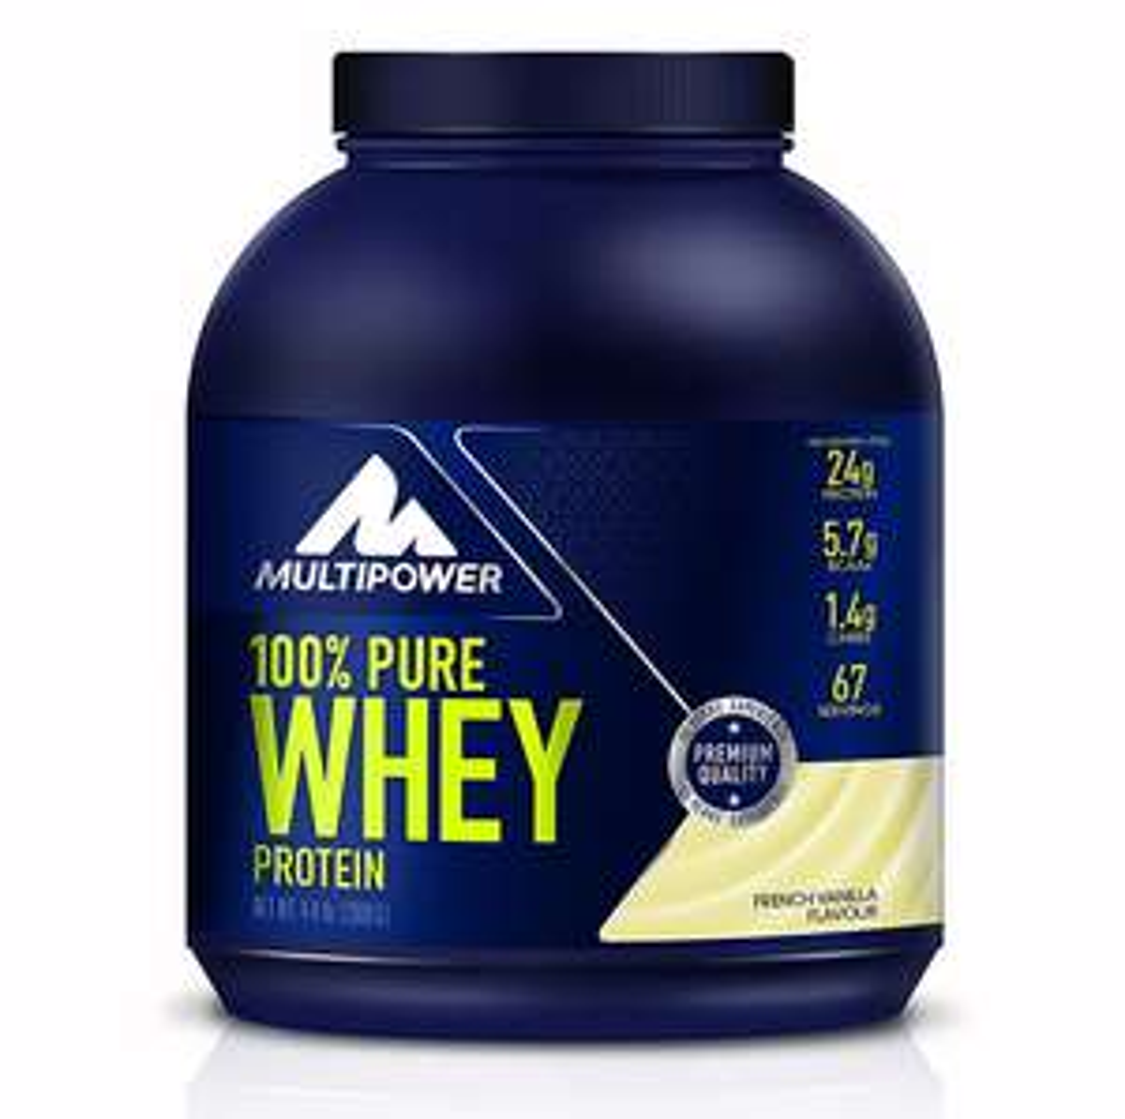 Multipower 100% Pure Whey Protein, French Vanilla, 4 kg für 49,92€ (1 kg für 12,48€) [Amazon Spar-Abo 5%] + weitere Multipower Angebote (ab 60€ gibt es zusätzlich 15% Rabatt)